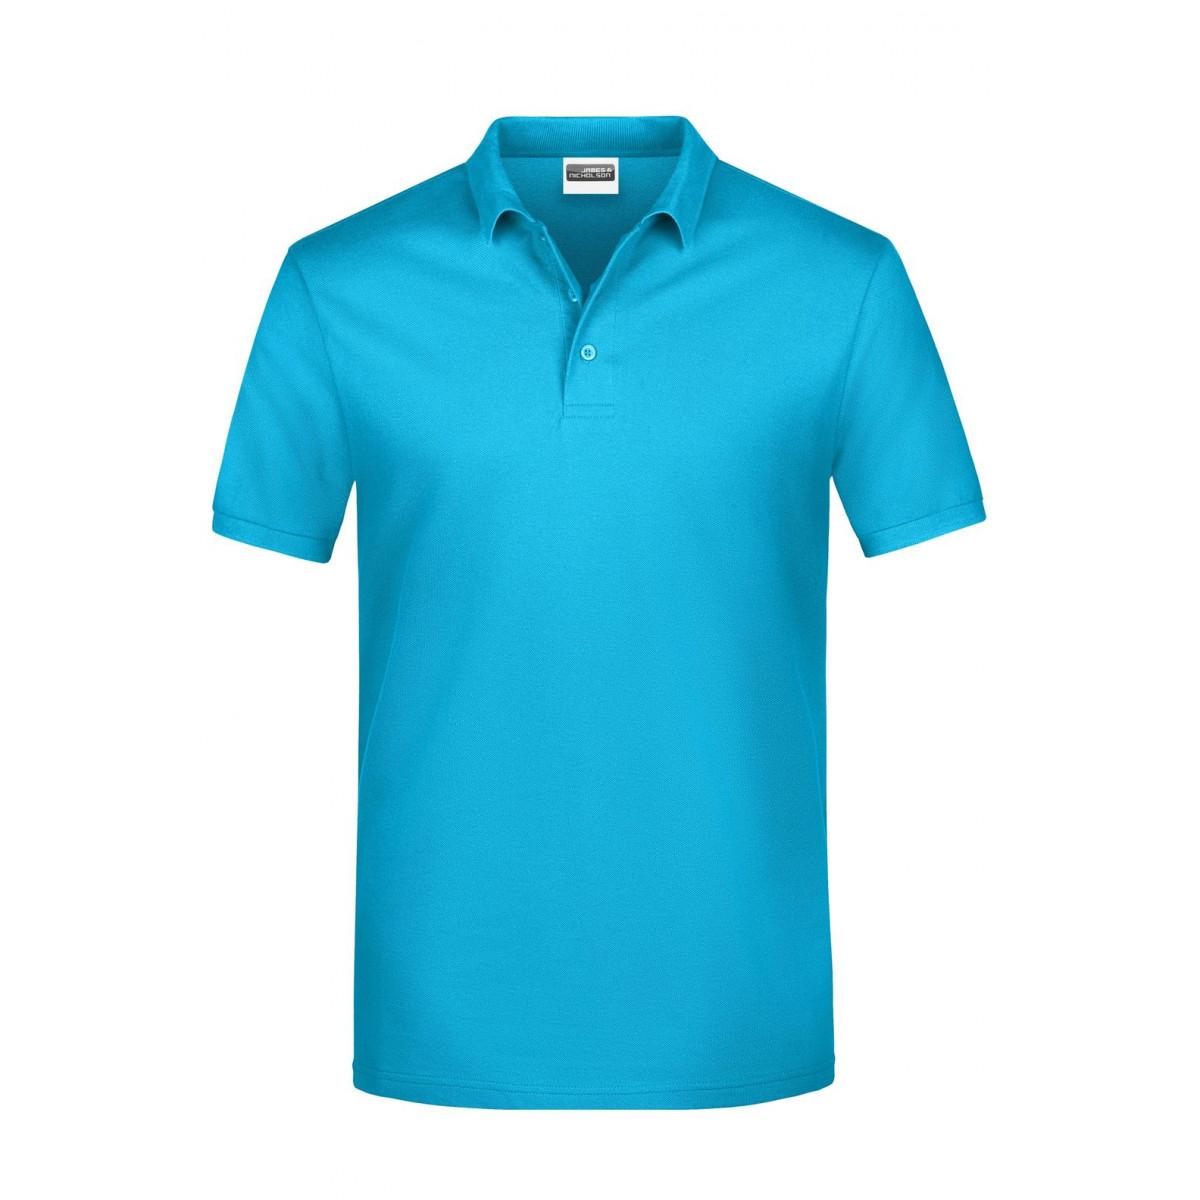 Рубашка поло мужская JN792 Basic Polo Man - Бирюзовый